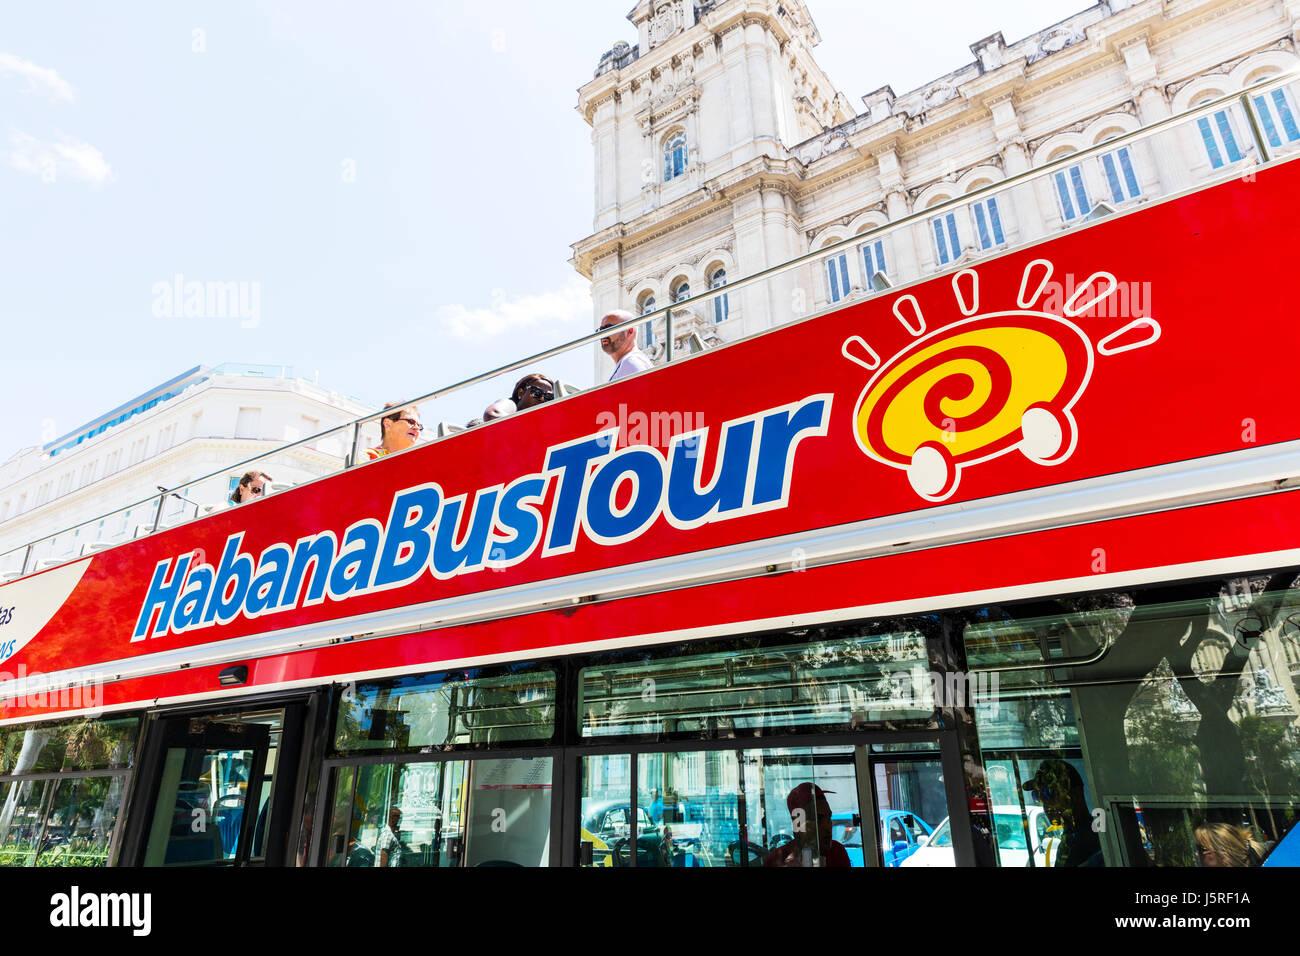 Havana bus tour Cuba, Habana bus tour Cuba, Cuban bus tour, Cuban bus tours Havana, tourist bus tour, tours, tourism, - Stock Image